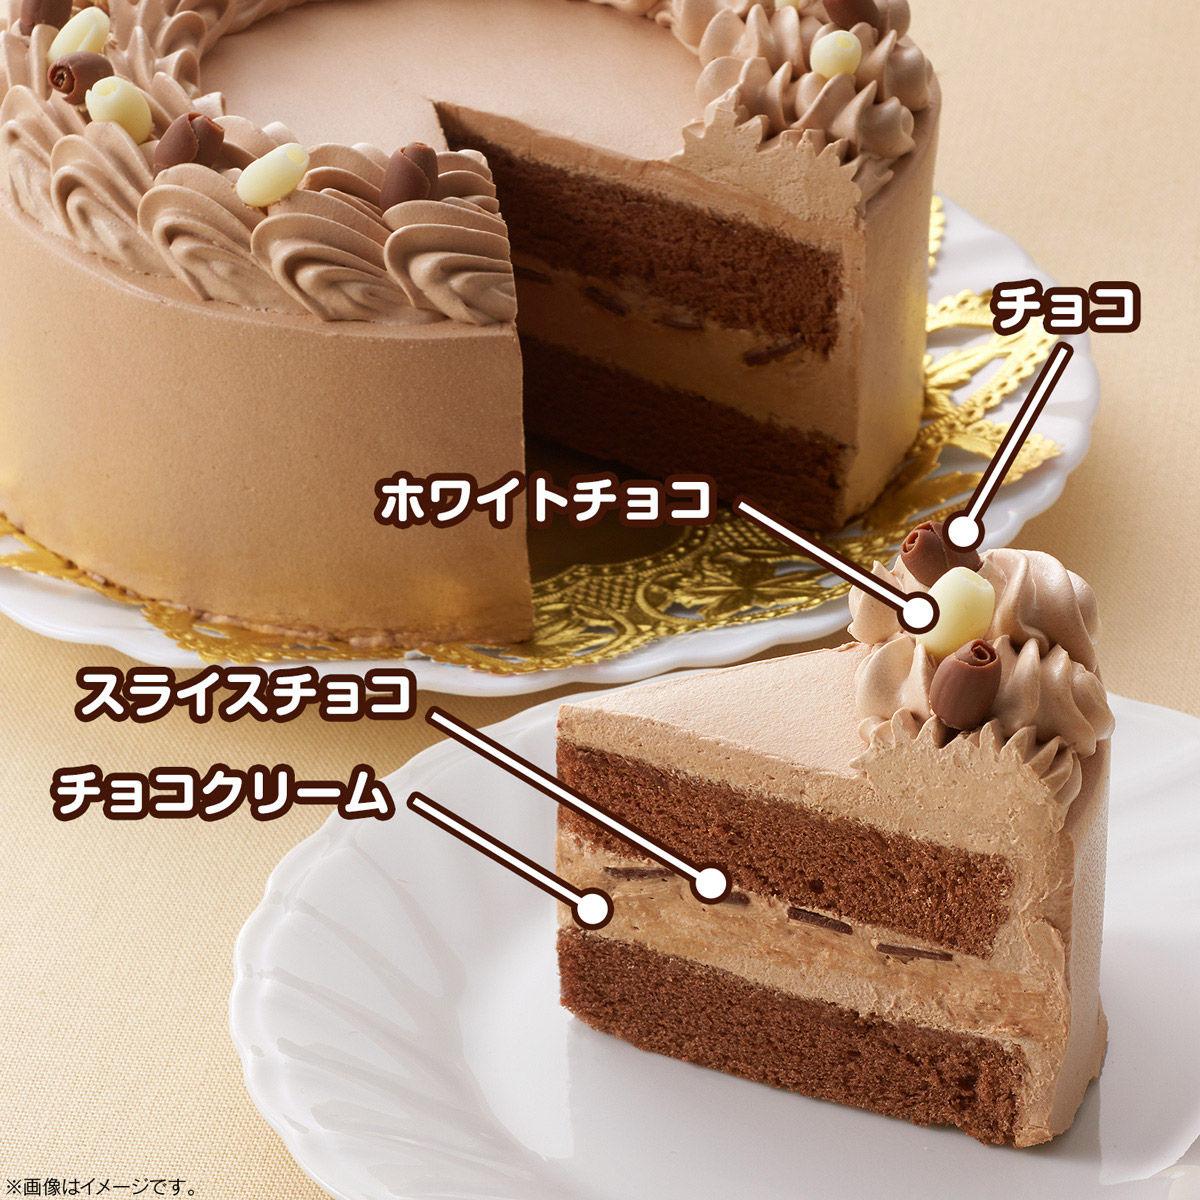 キャラデコお祝いケーキ 仮面ライダーゼロワン(チョコクリーム)[5号サイズ]_6